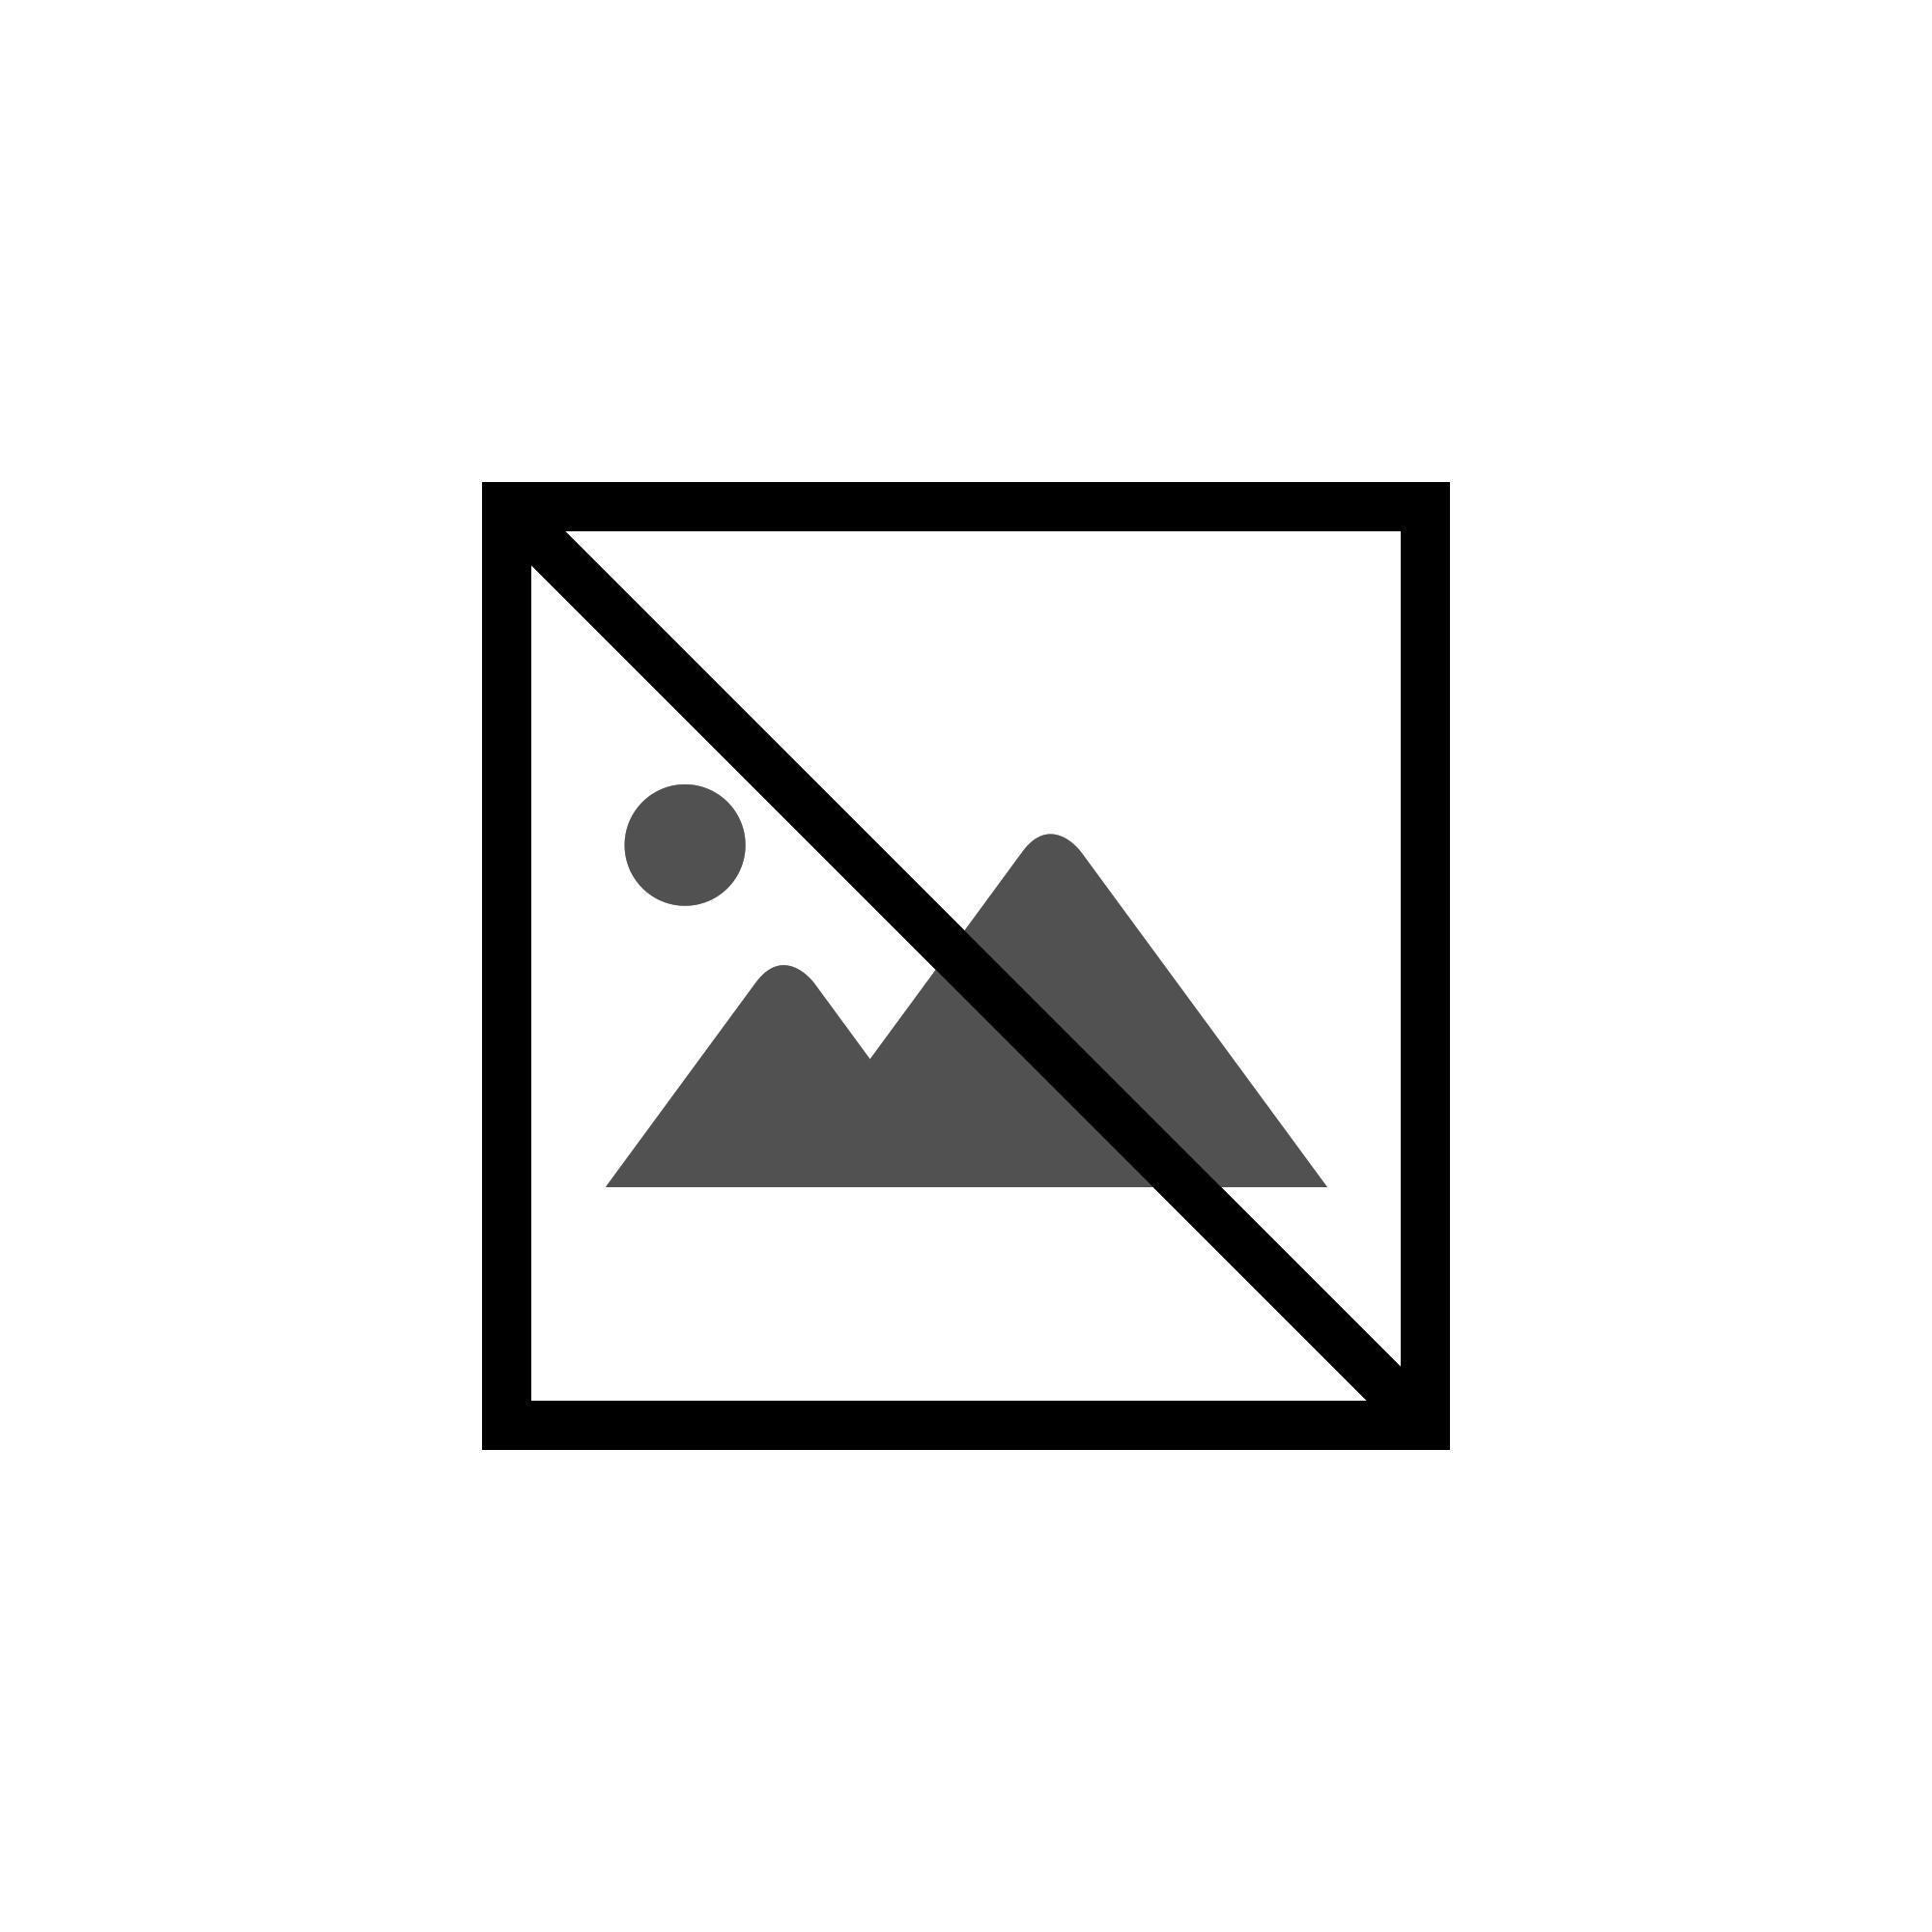 Renault Mégane 1.5 dCi Zen ECO (110cv) (5p)